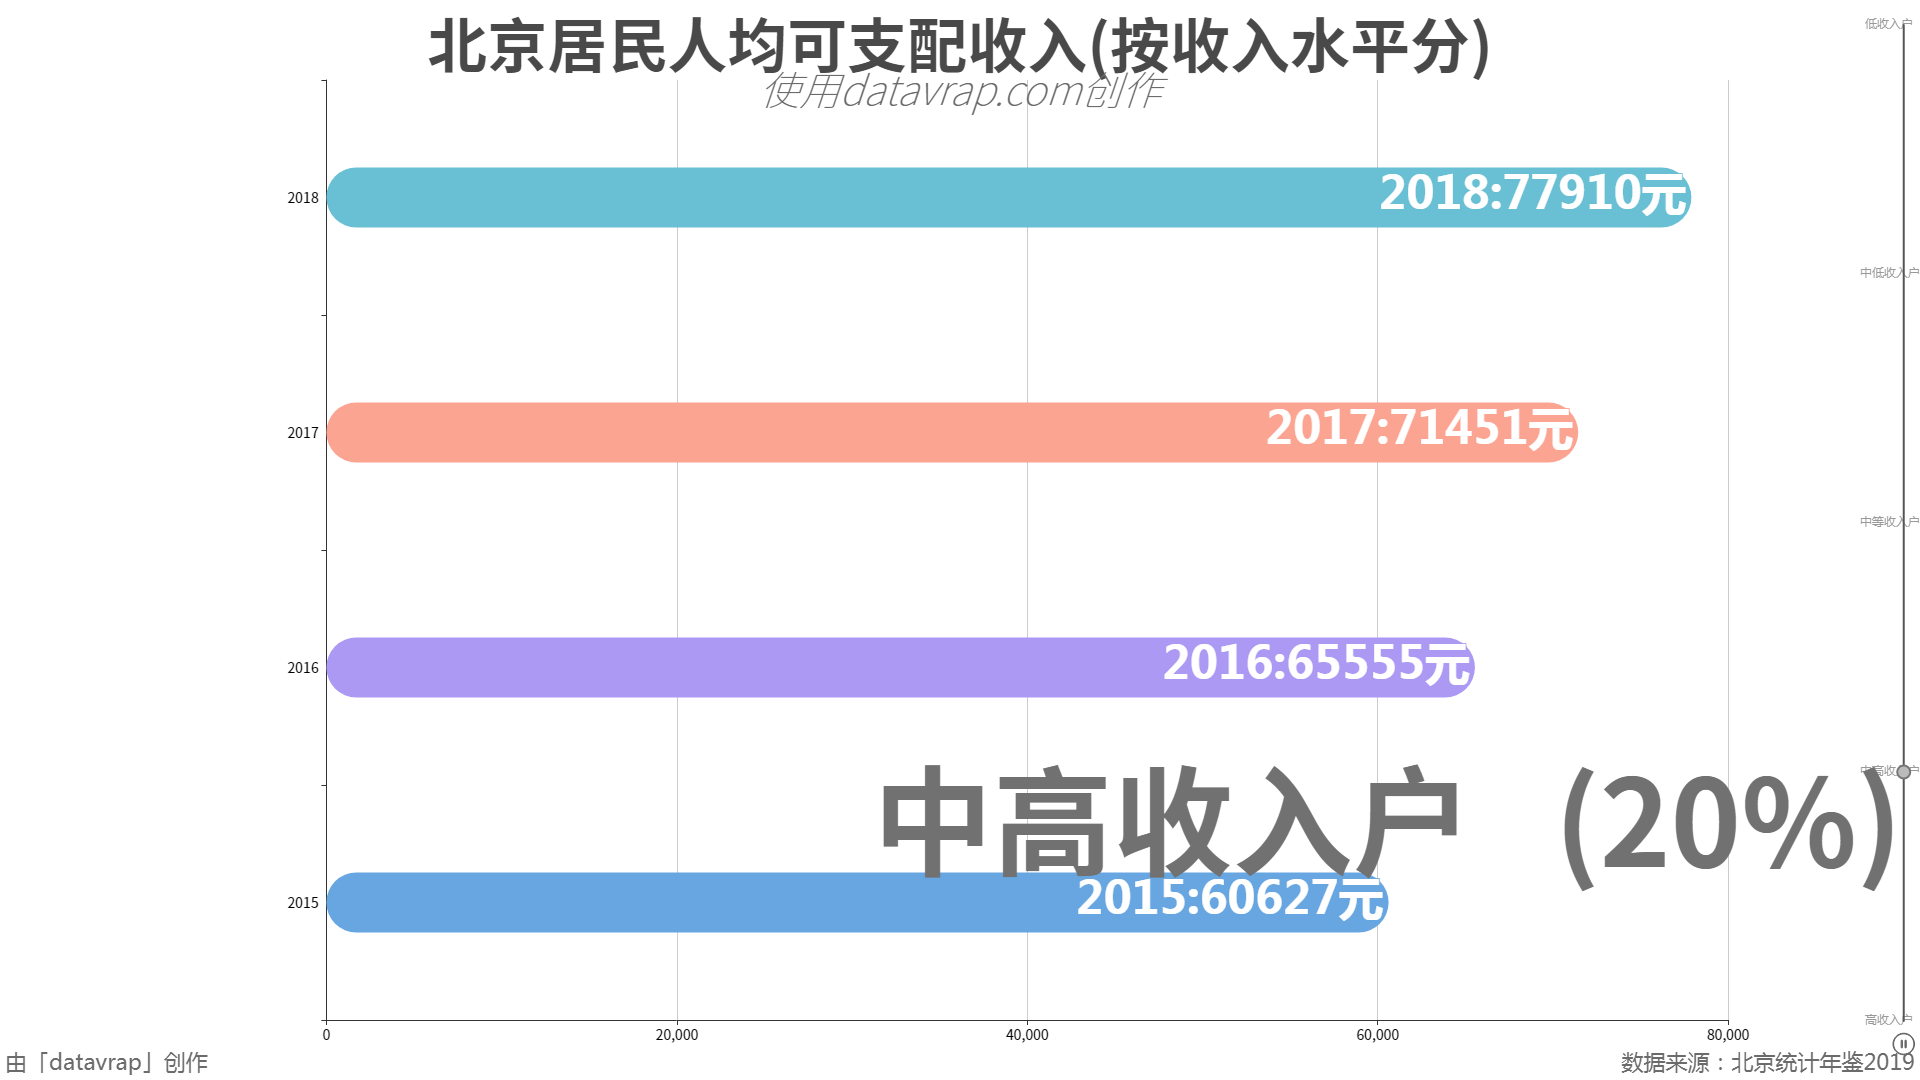 北京居民人均可支配收入(按收入水平分)